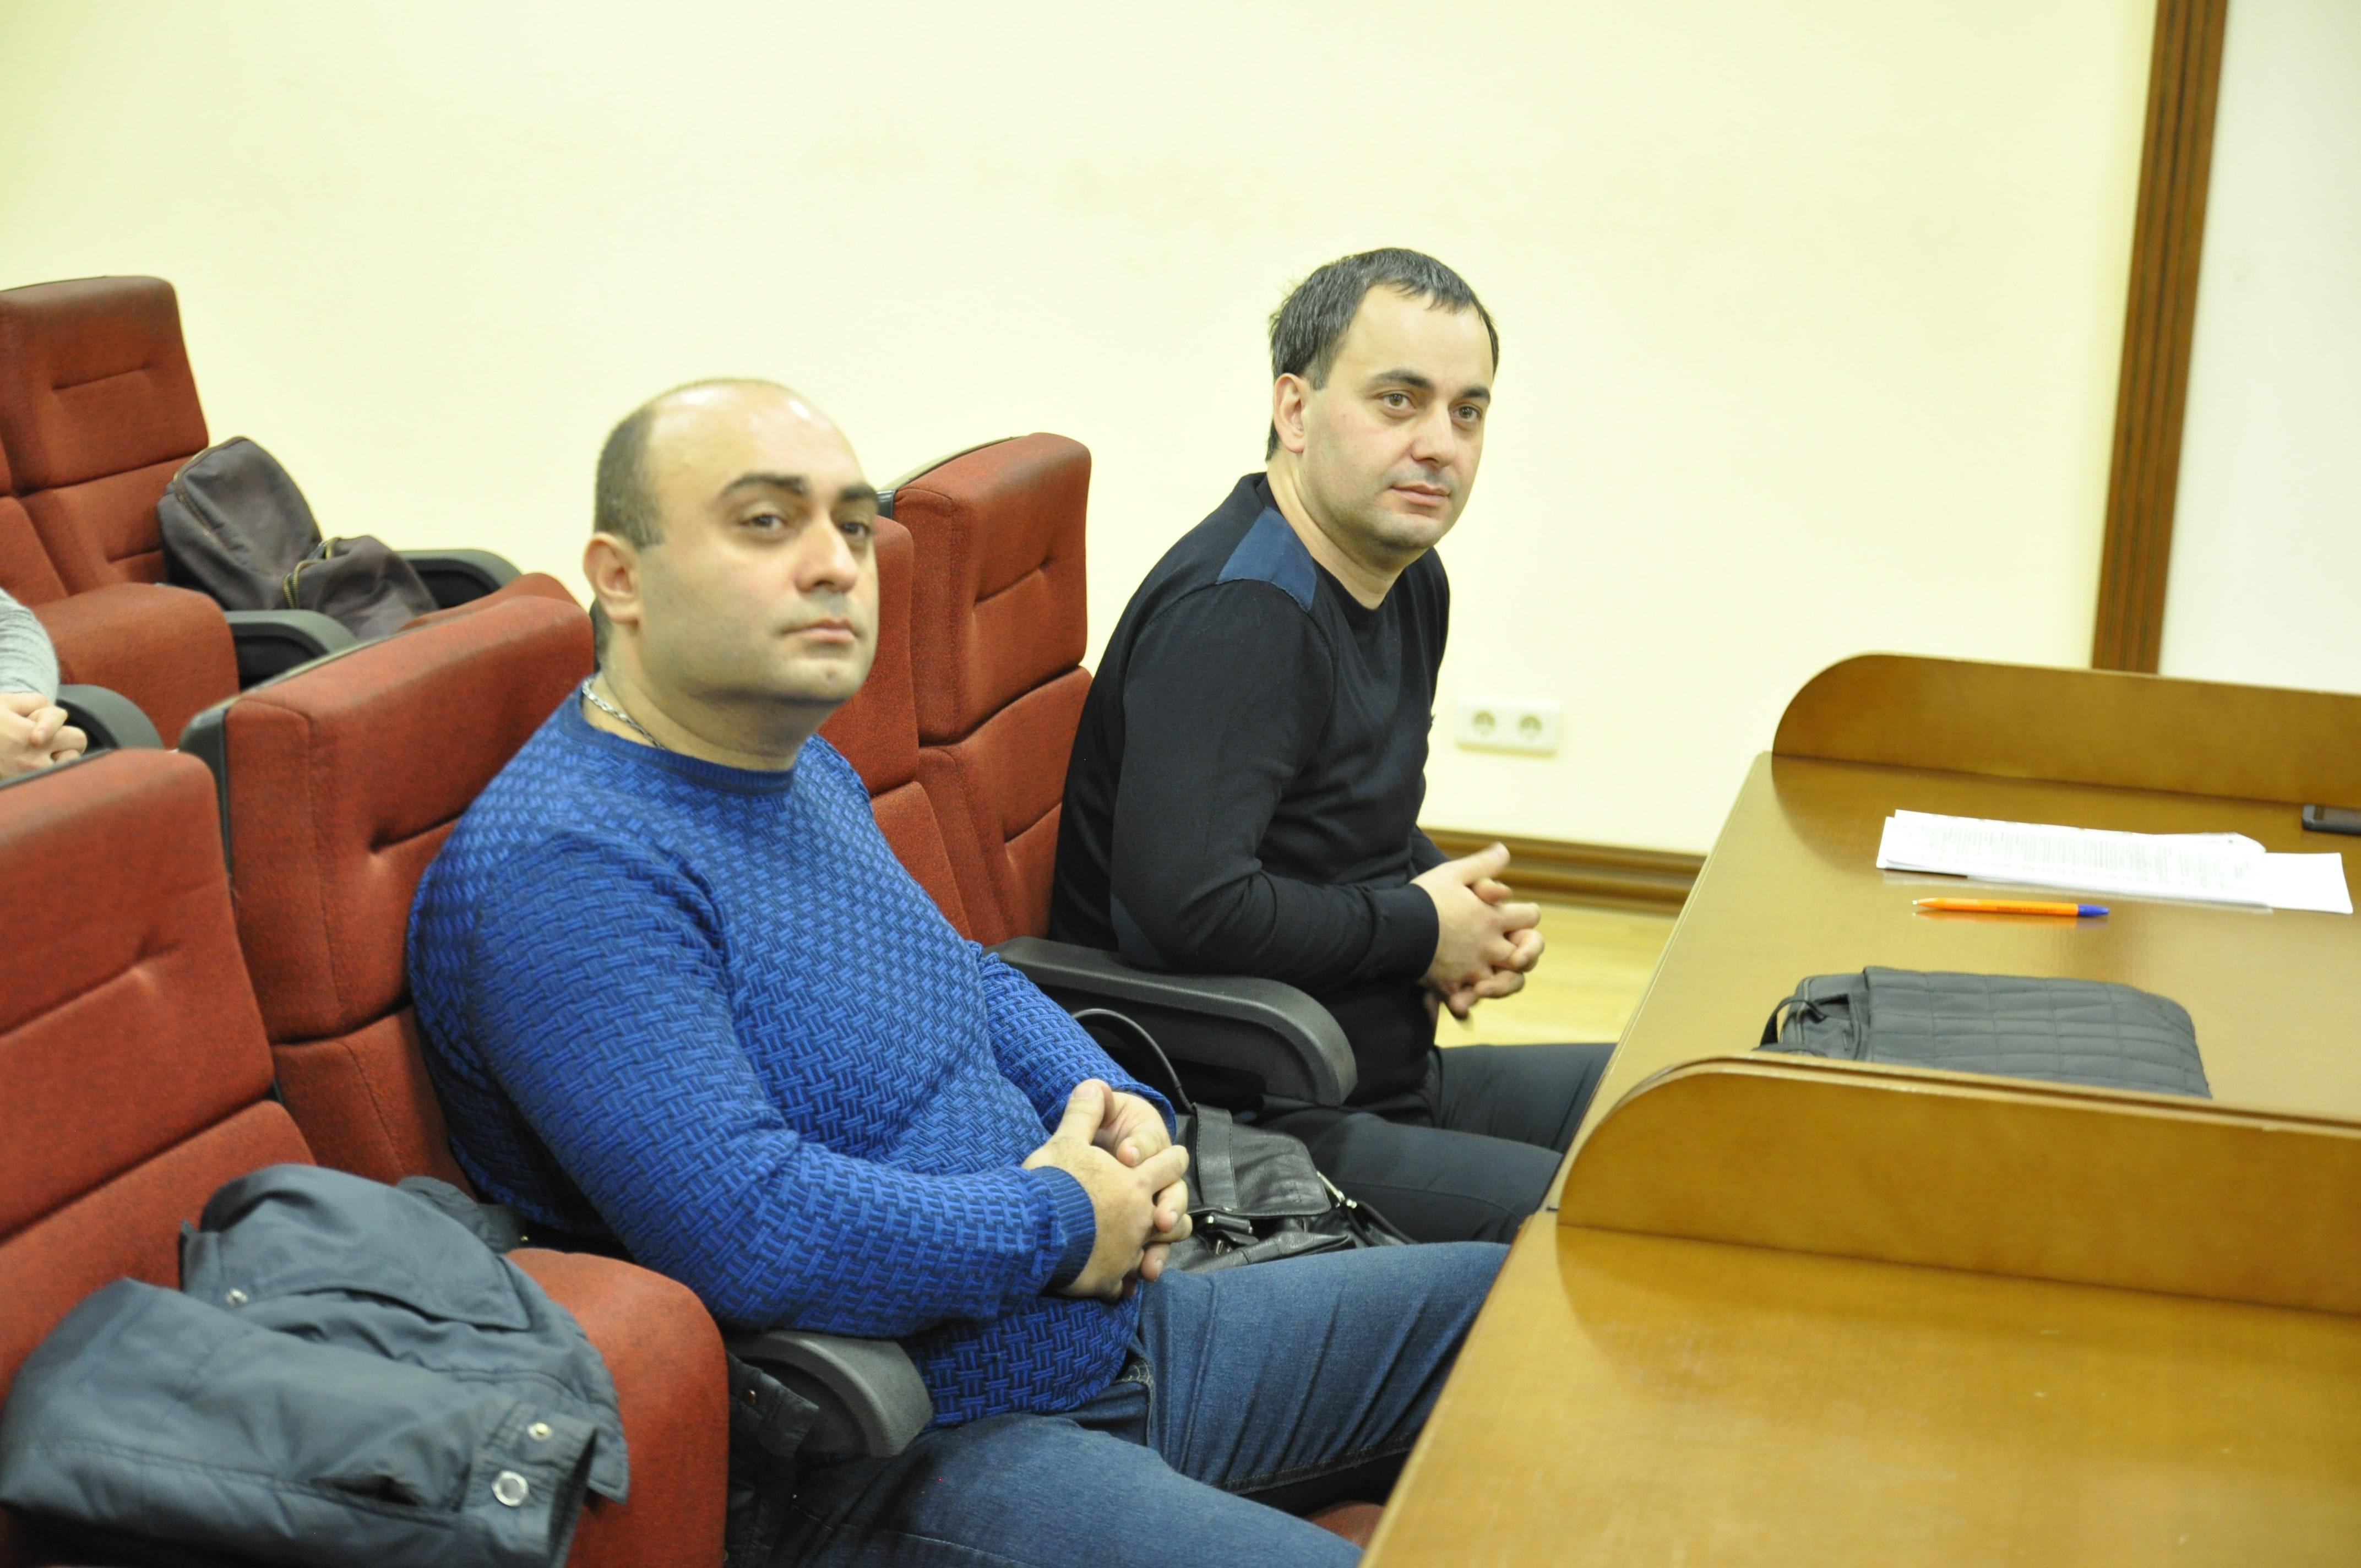 Заложник чужих судимостей. Как по документам белгородца осудили его одноклаccника